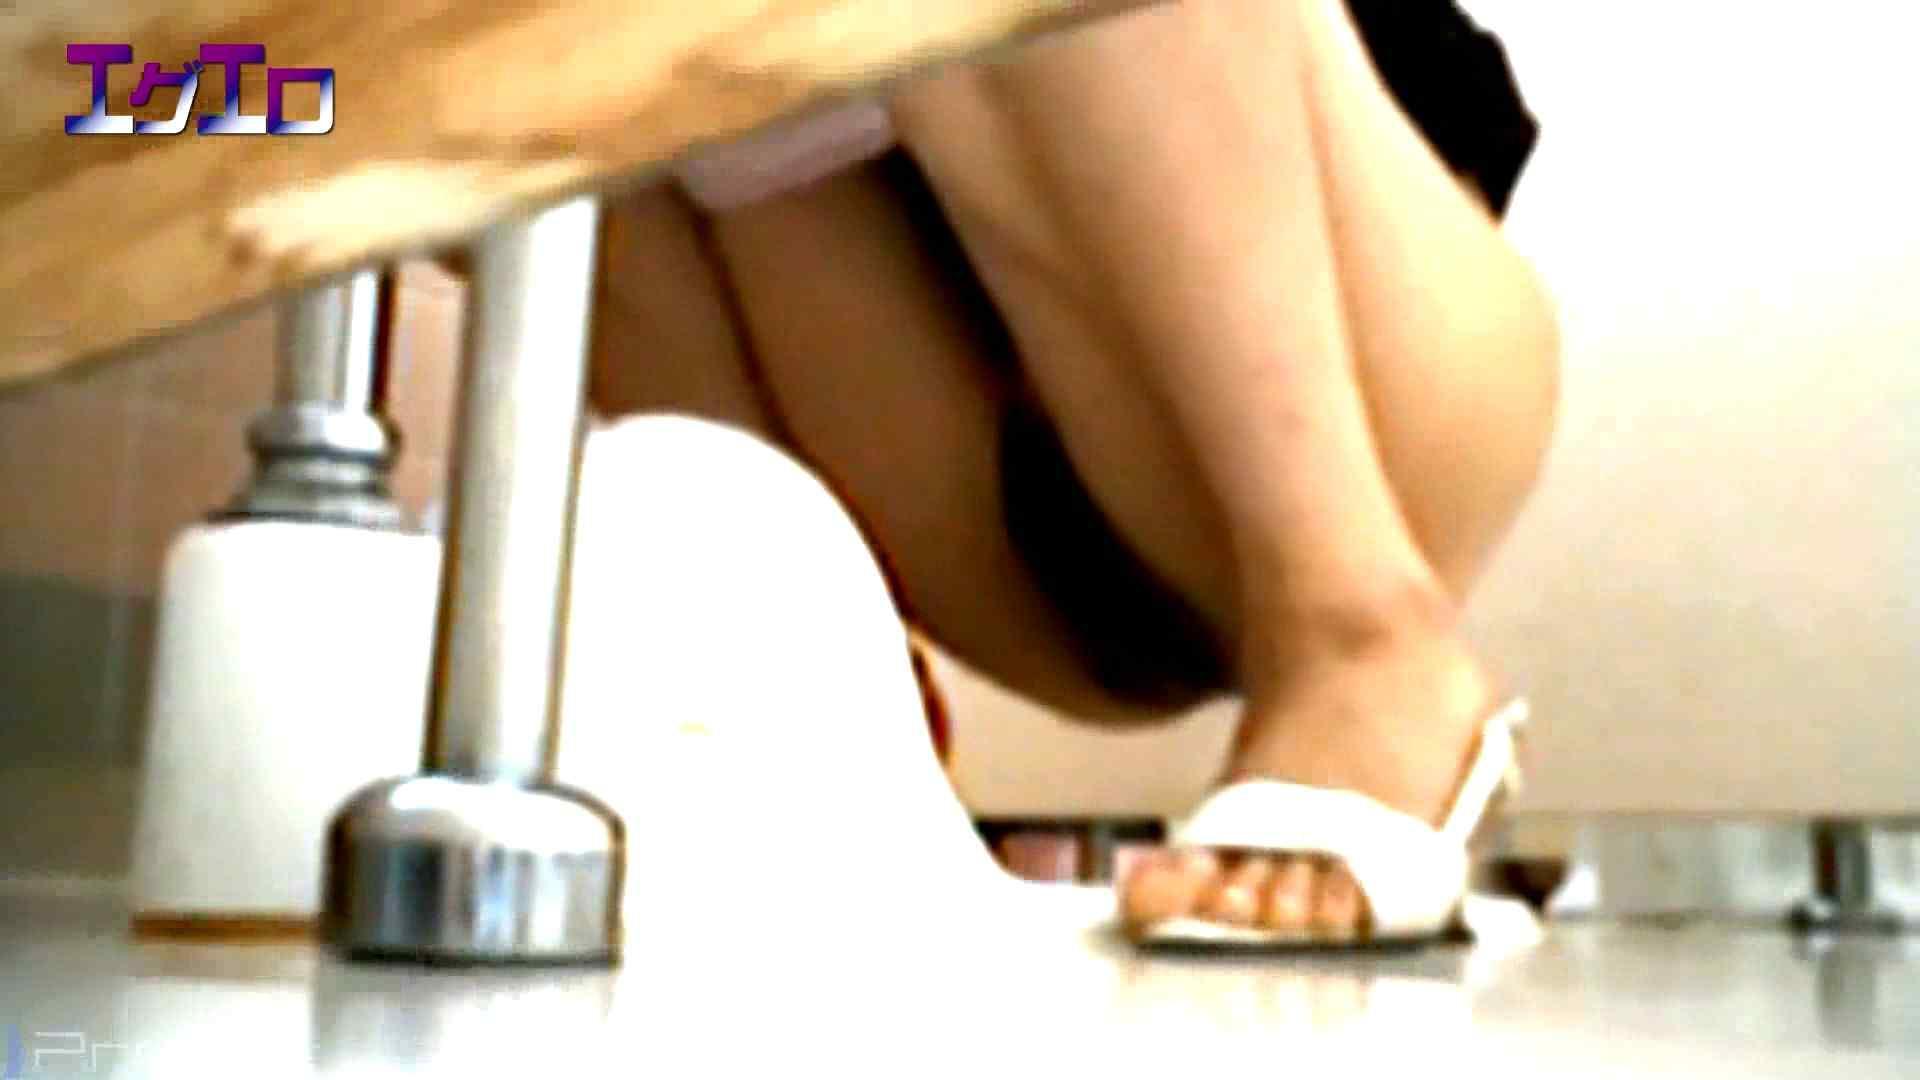 至近距離洗面所 Vol.09夏ギャルキタ~和式トイレ放nyoショー 洗面所 ワレメ無修正動画無料 80PIX 63